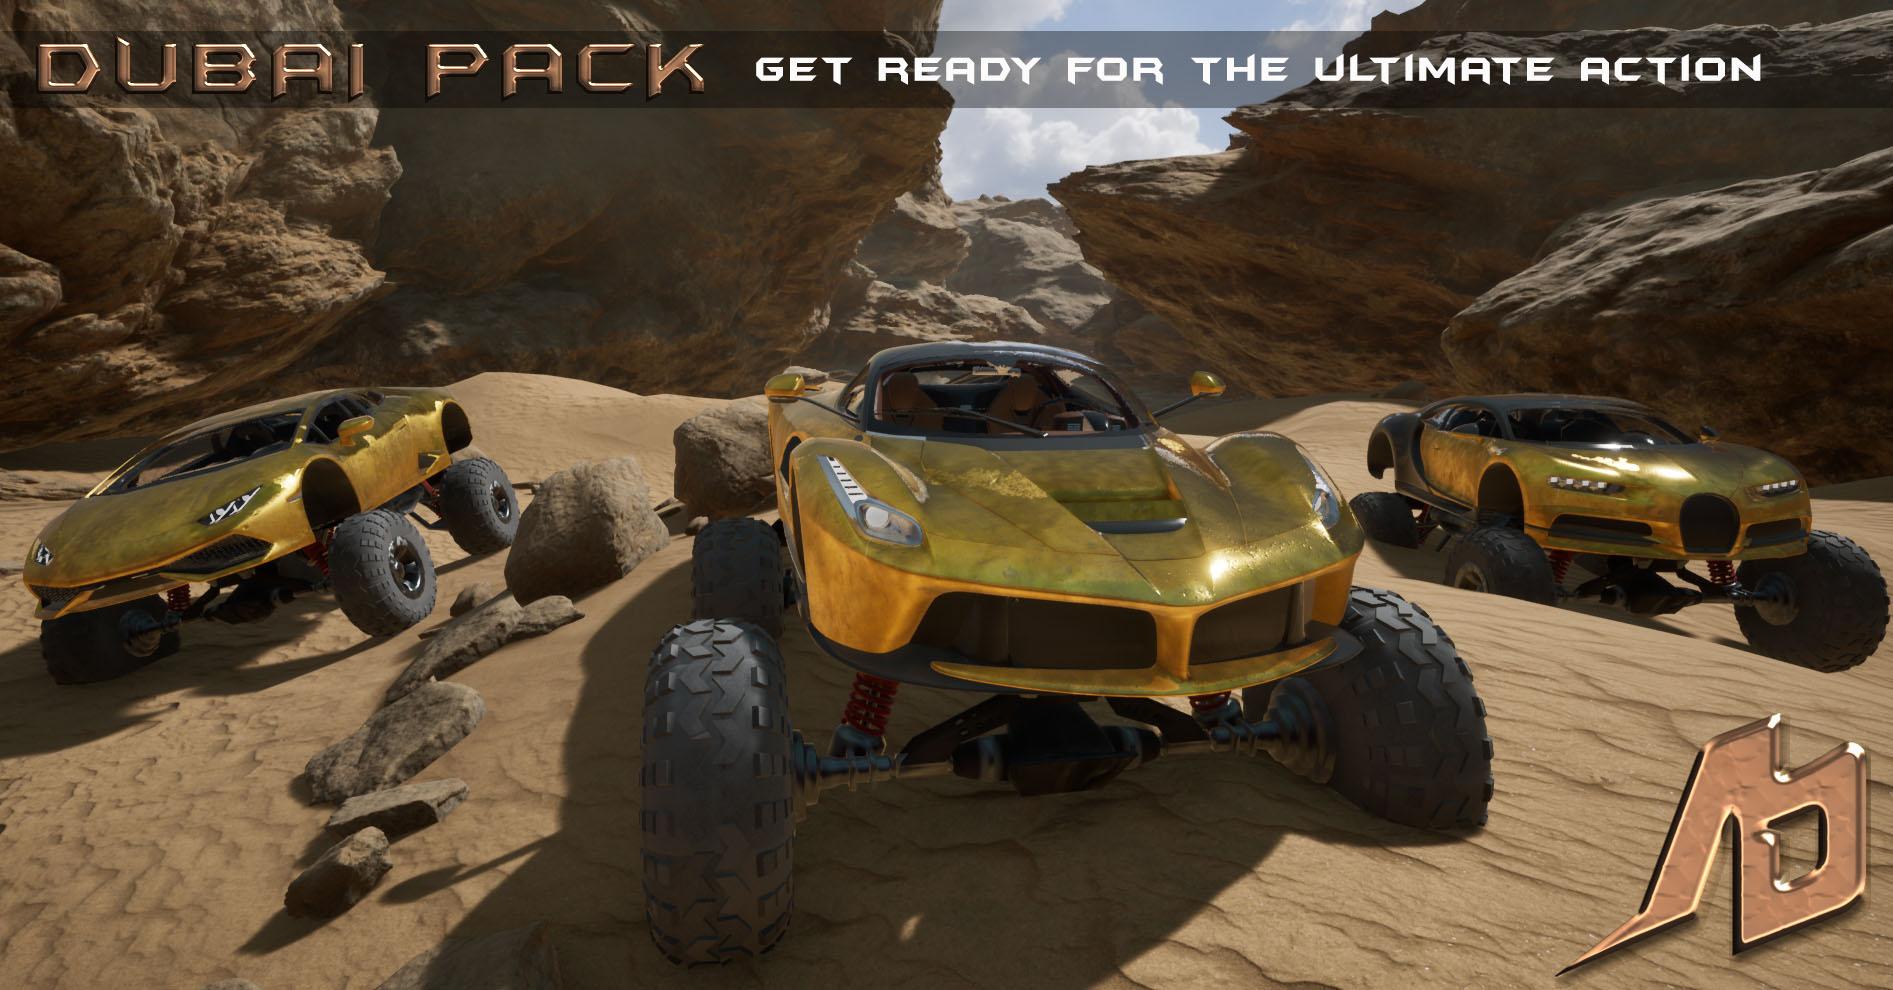 DUBAI Pack